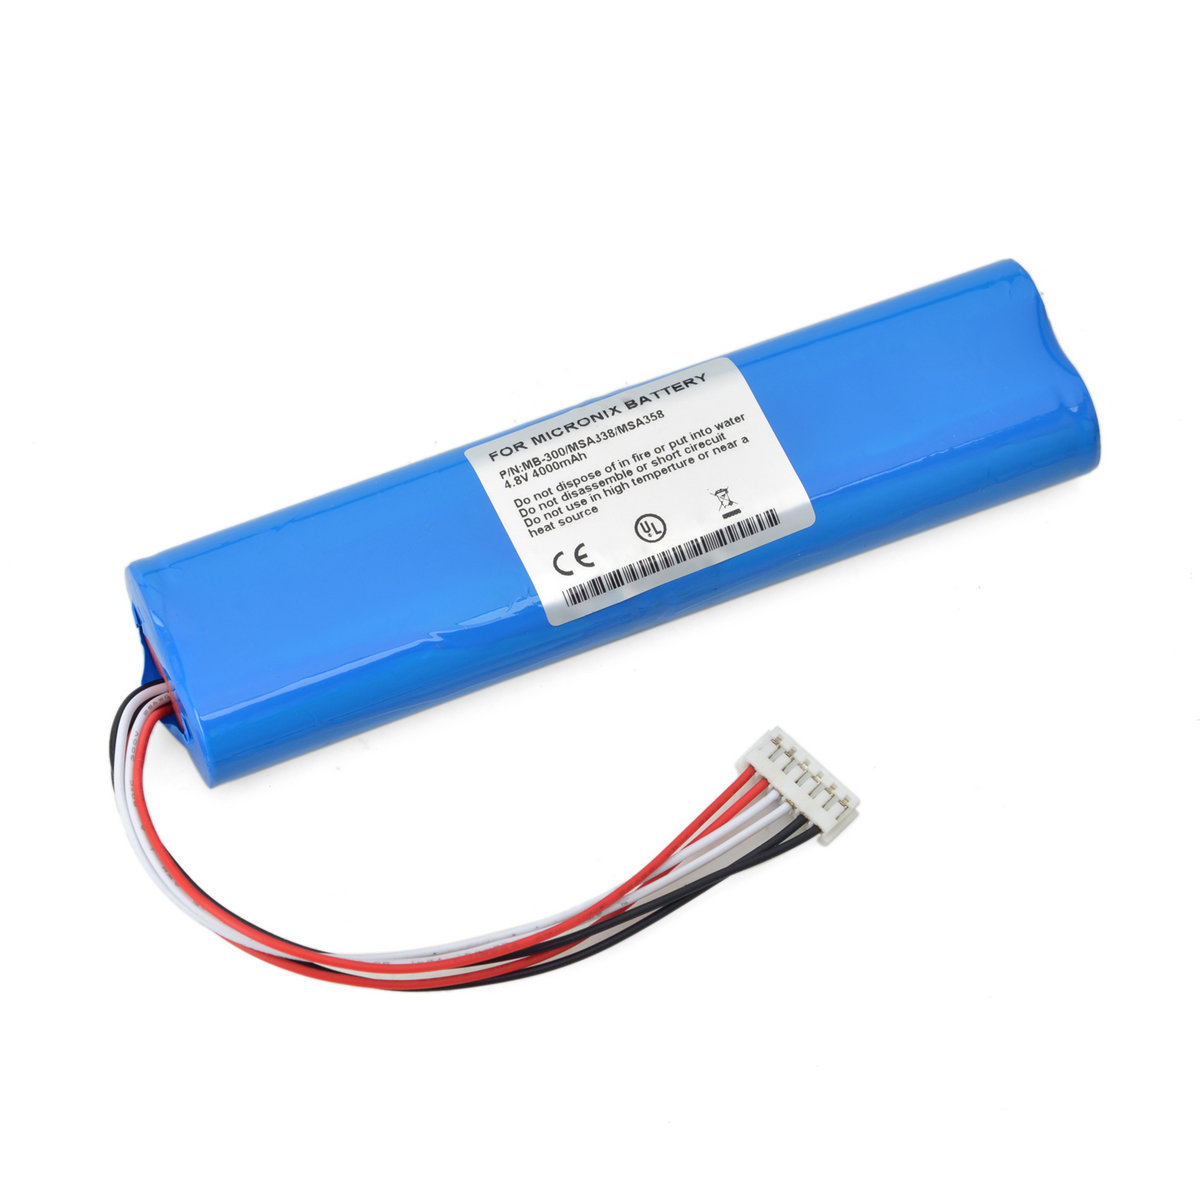 适用迈克尼斯 MICRONIX MSA338,MSA358,MB300,MB-300 频谱仪电池